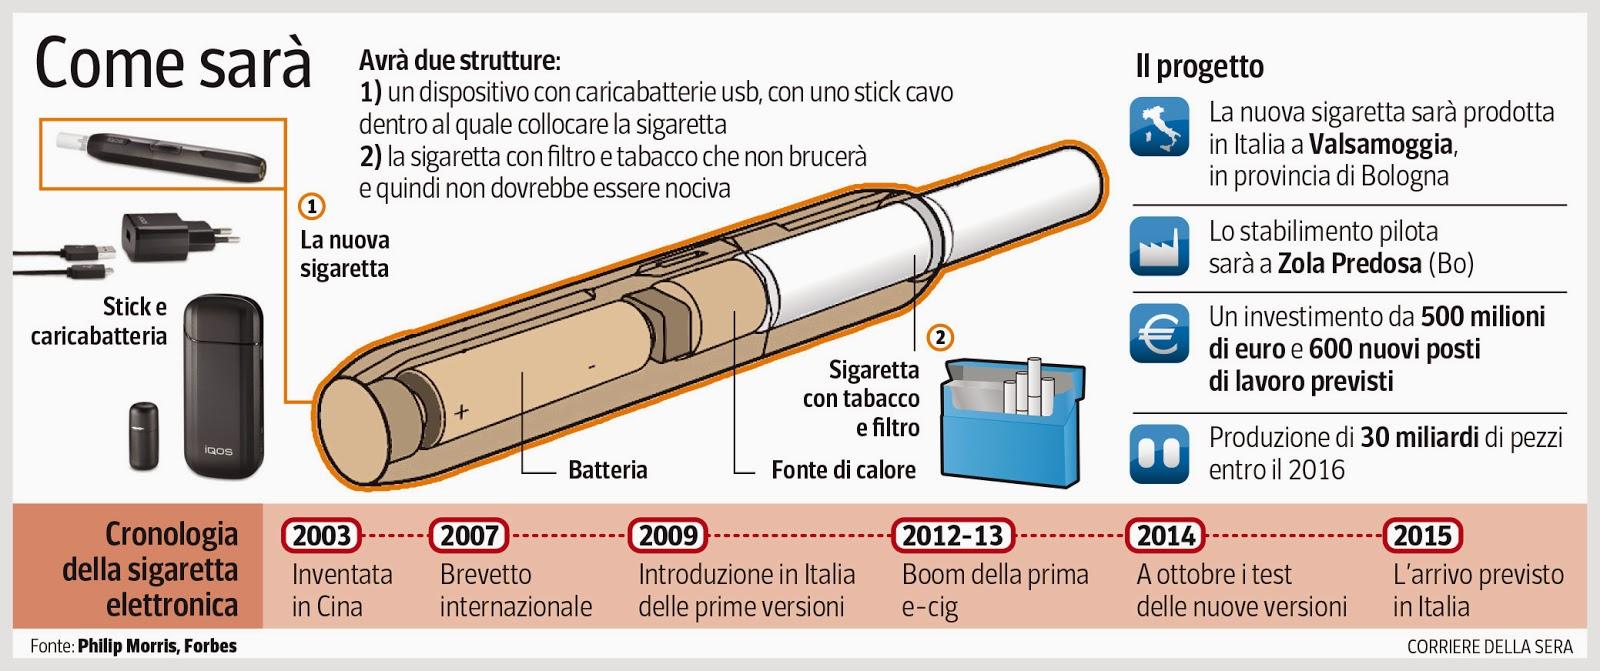 Nuova sigaretta elettronica 2016: come è fatta, funziona? Le novità